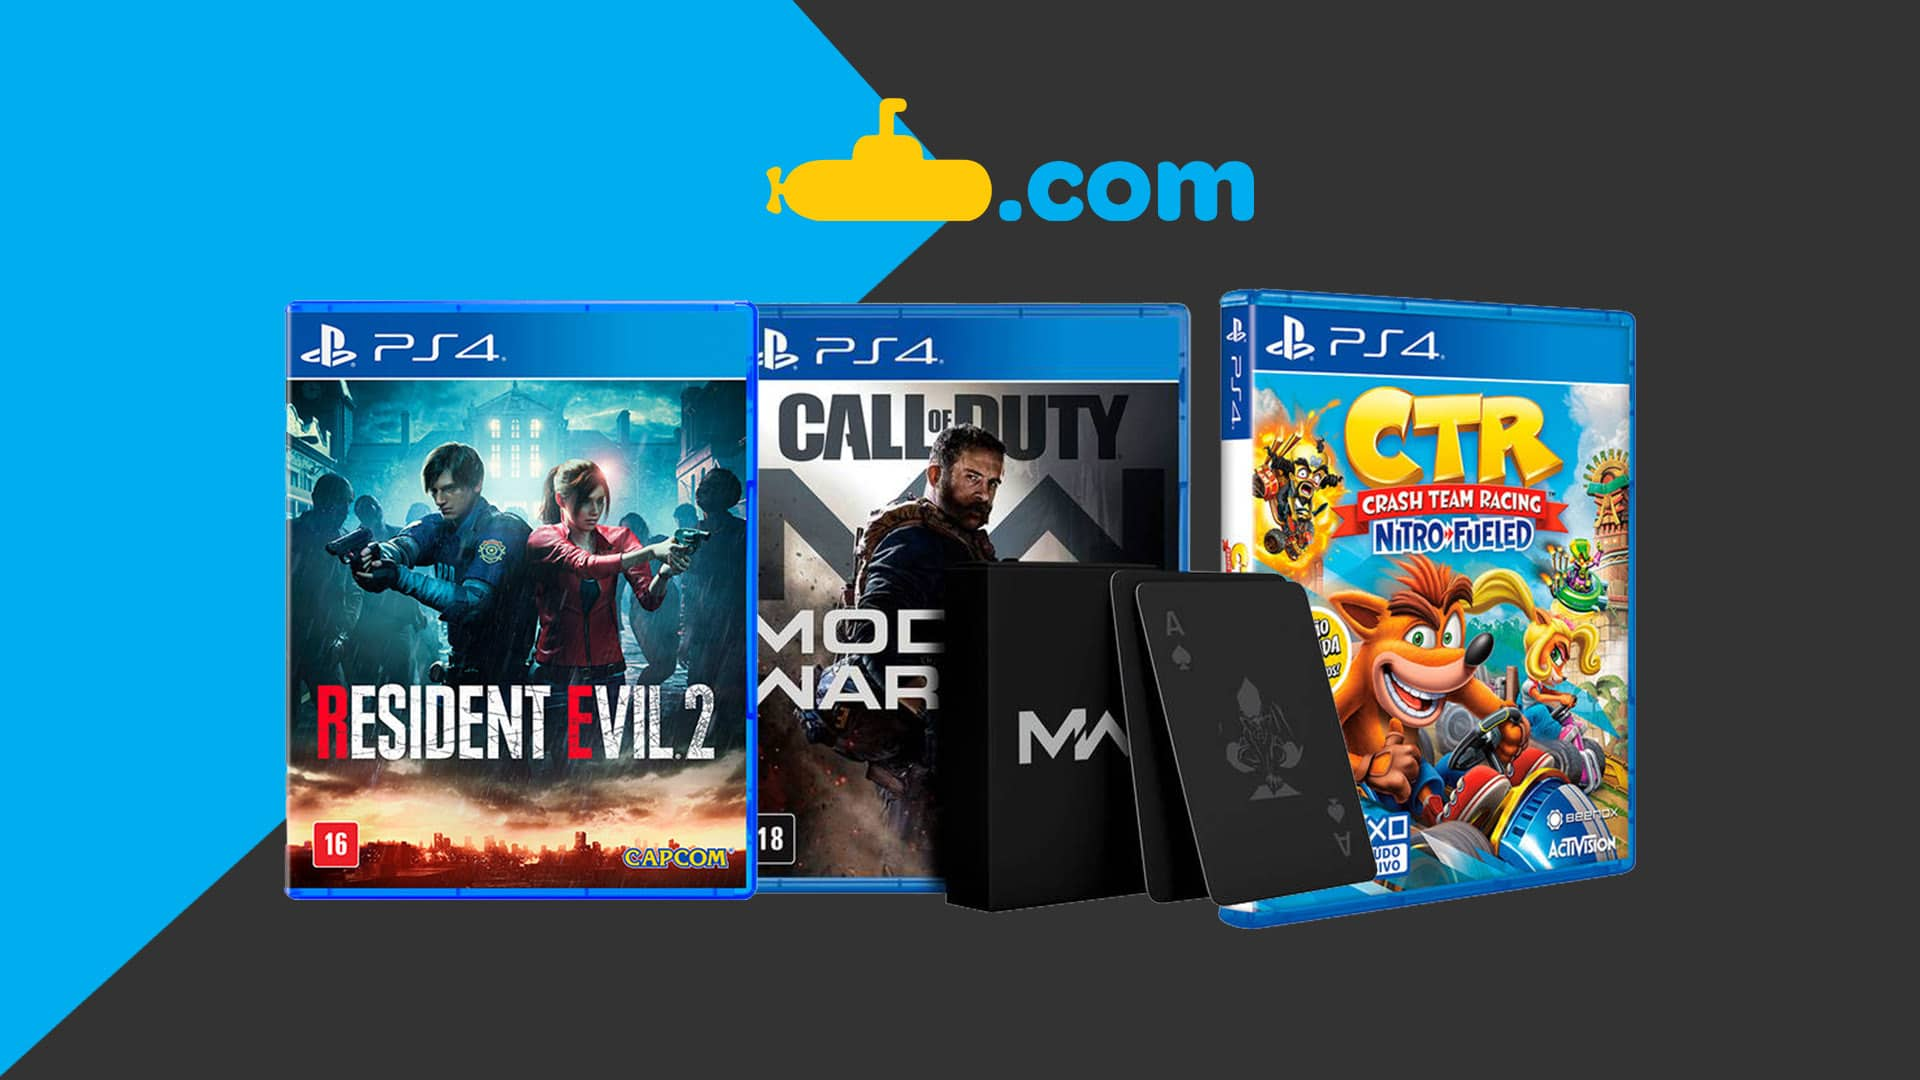 Olha o cupom! Submarino oferece 15% de descontos em jogos de PS4